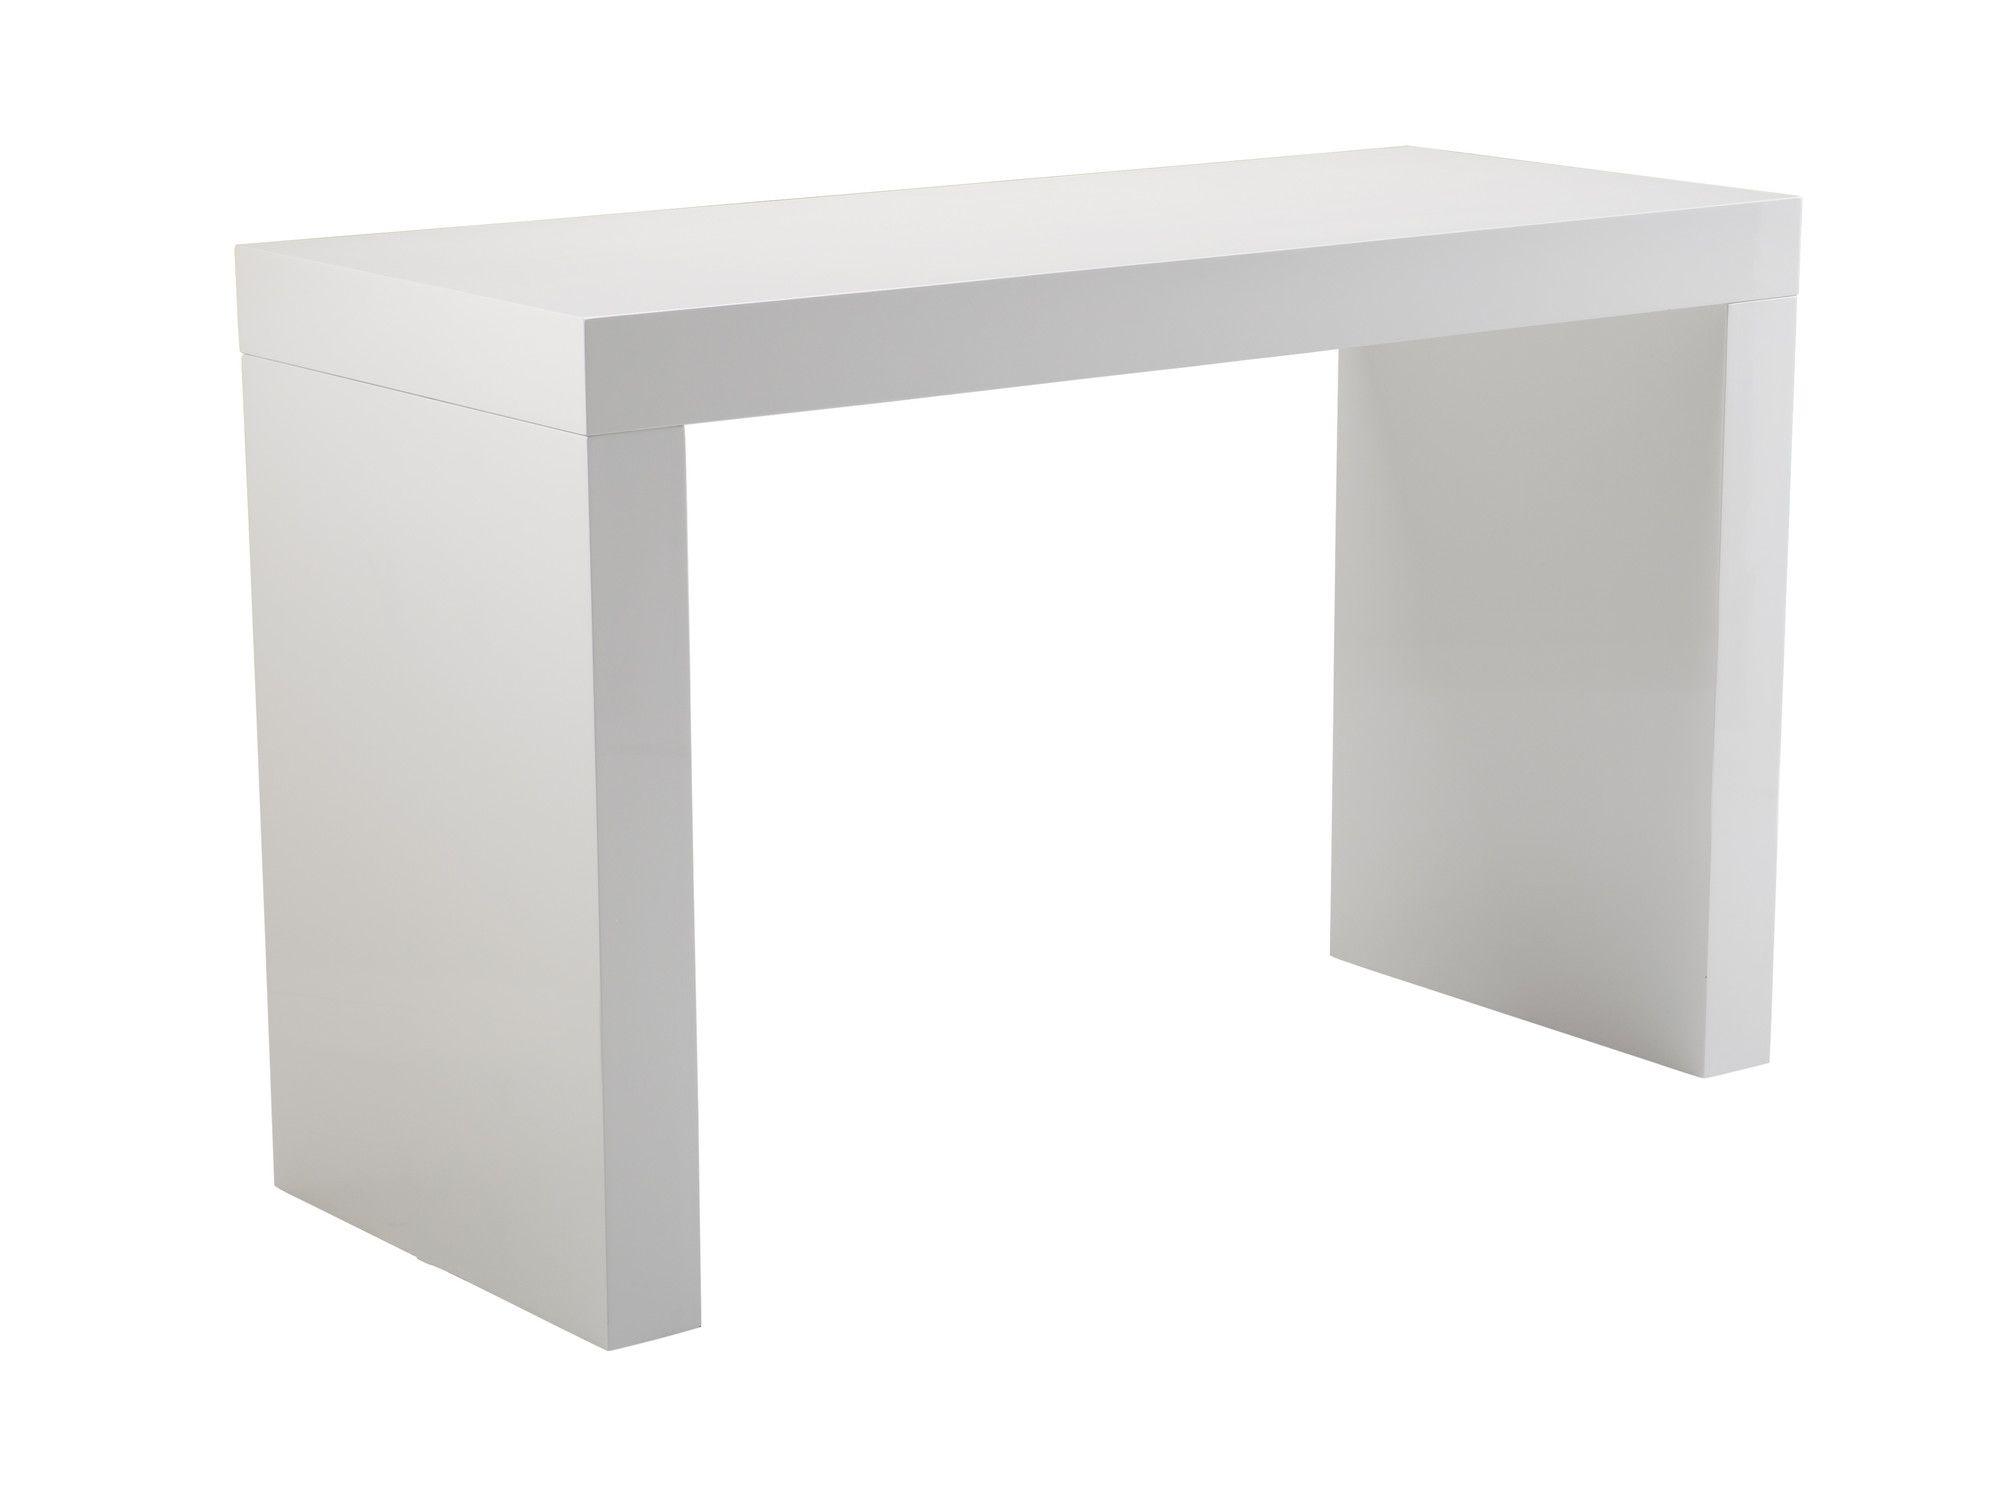 Sunpan Modern Faro High Gloss C Shape Counter Table Counter Height Dining Table Dining Table In Kitchen Dining Table